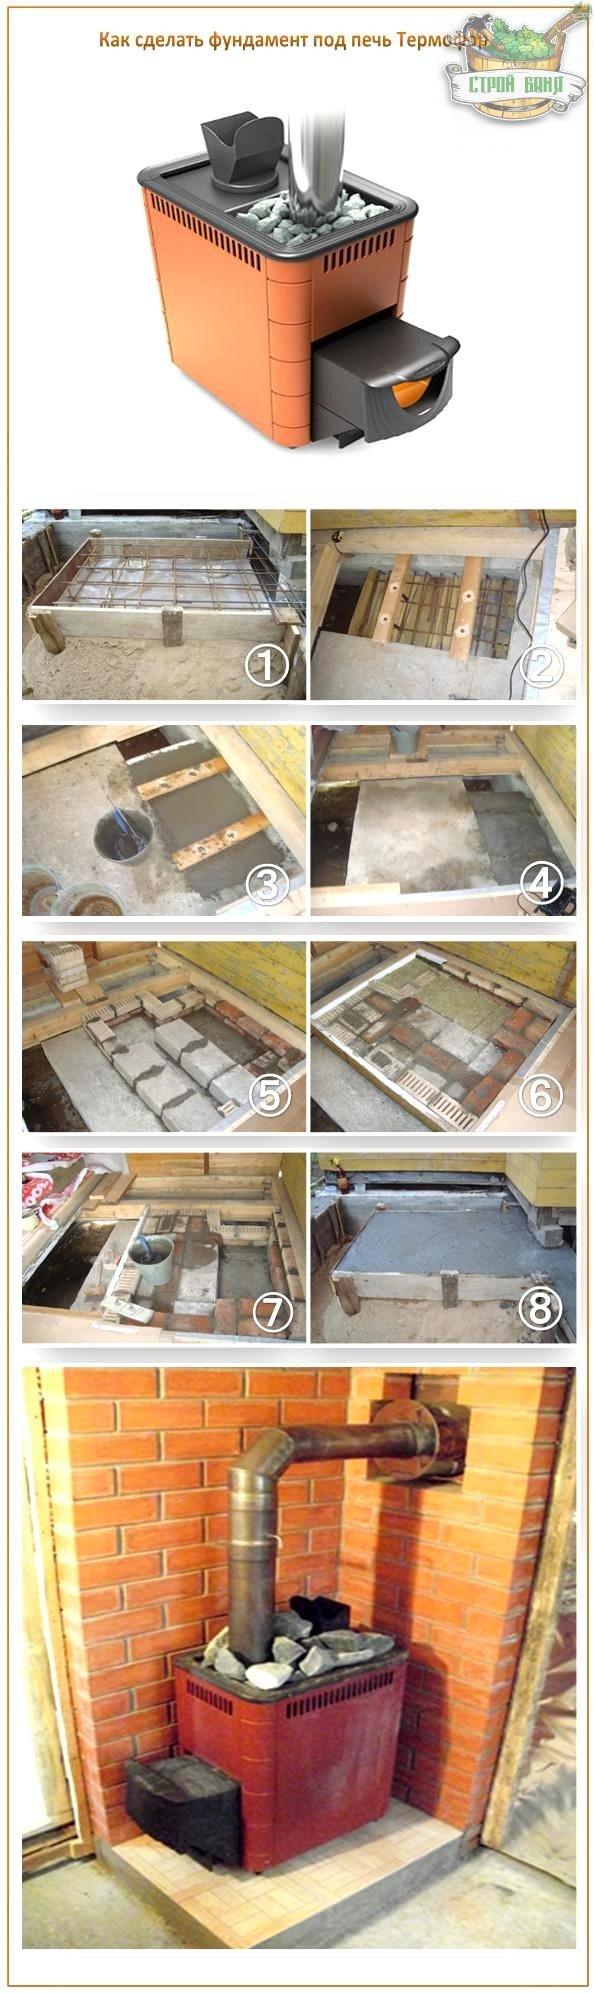 Фундамент под печь Термофор